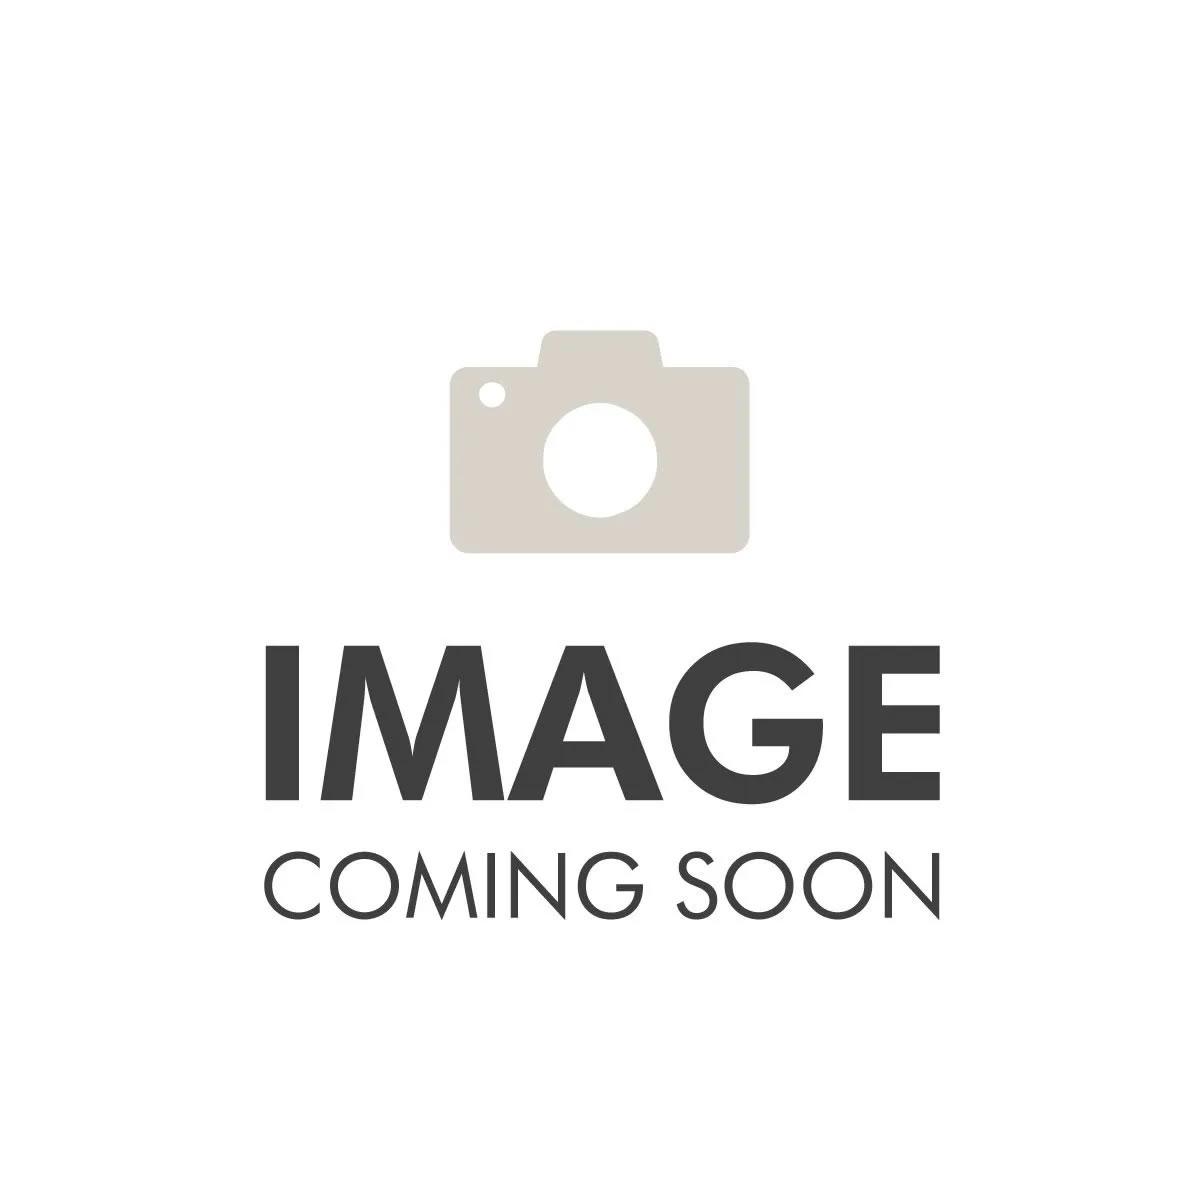 Double Tube Rear Bumper, 3 Inch; 87-06 Jeep Wrangler YJ/TJ